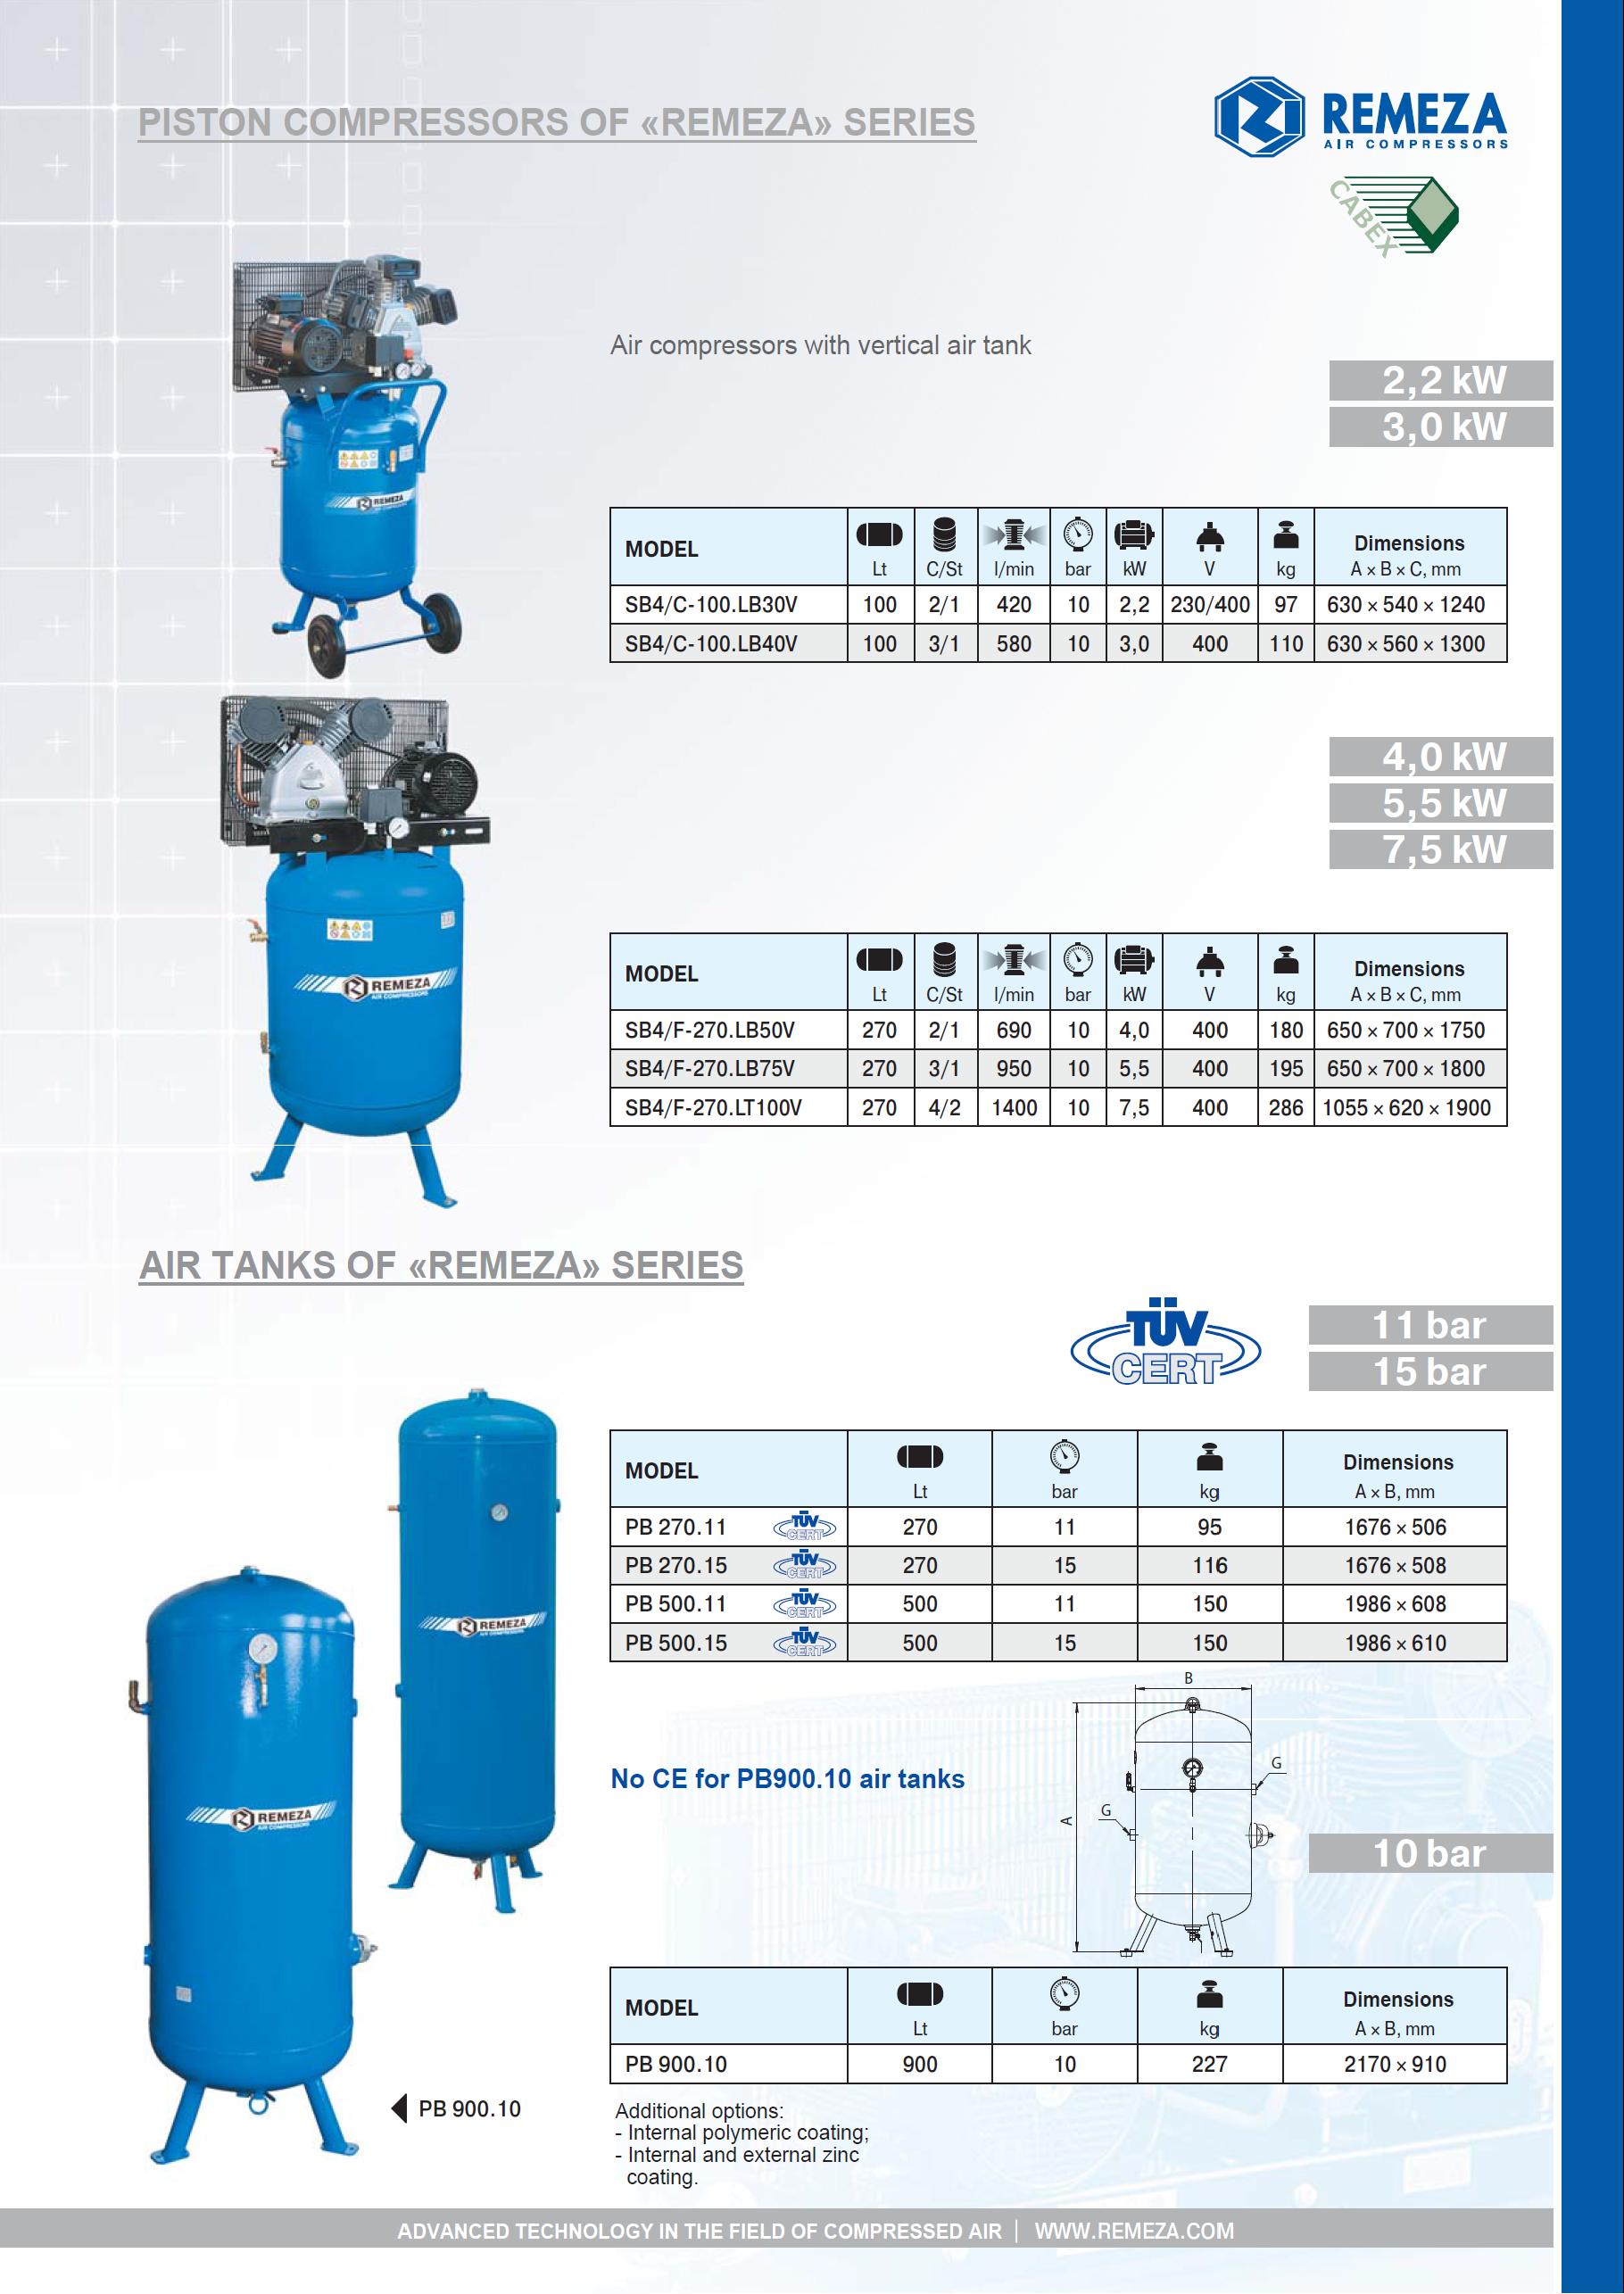 3_piston-compressors-remeza-series_pag_3